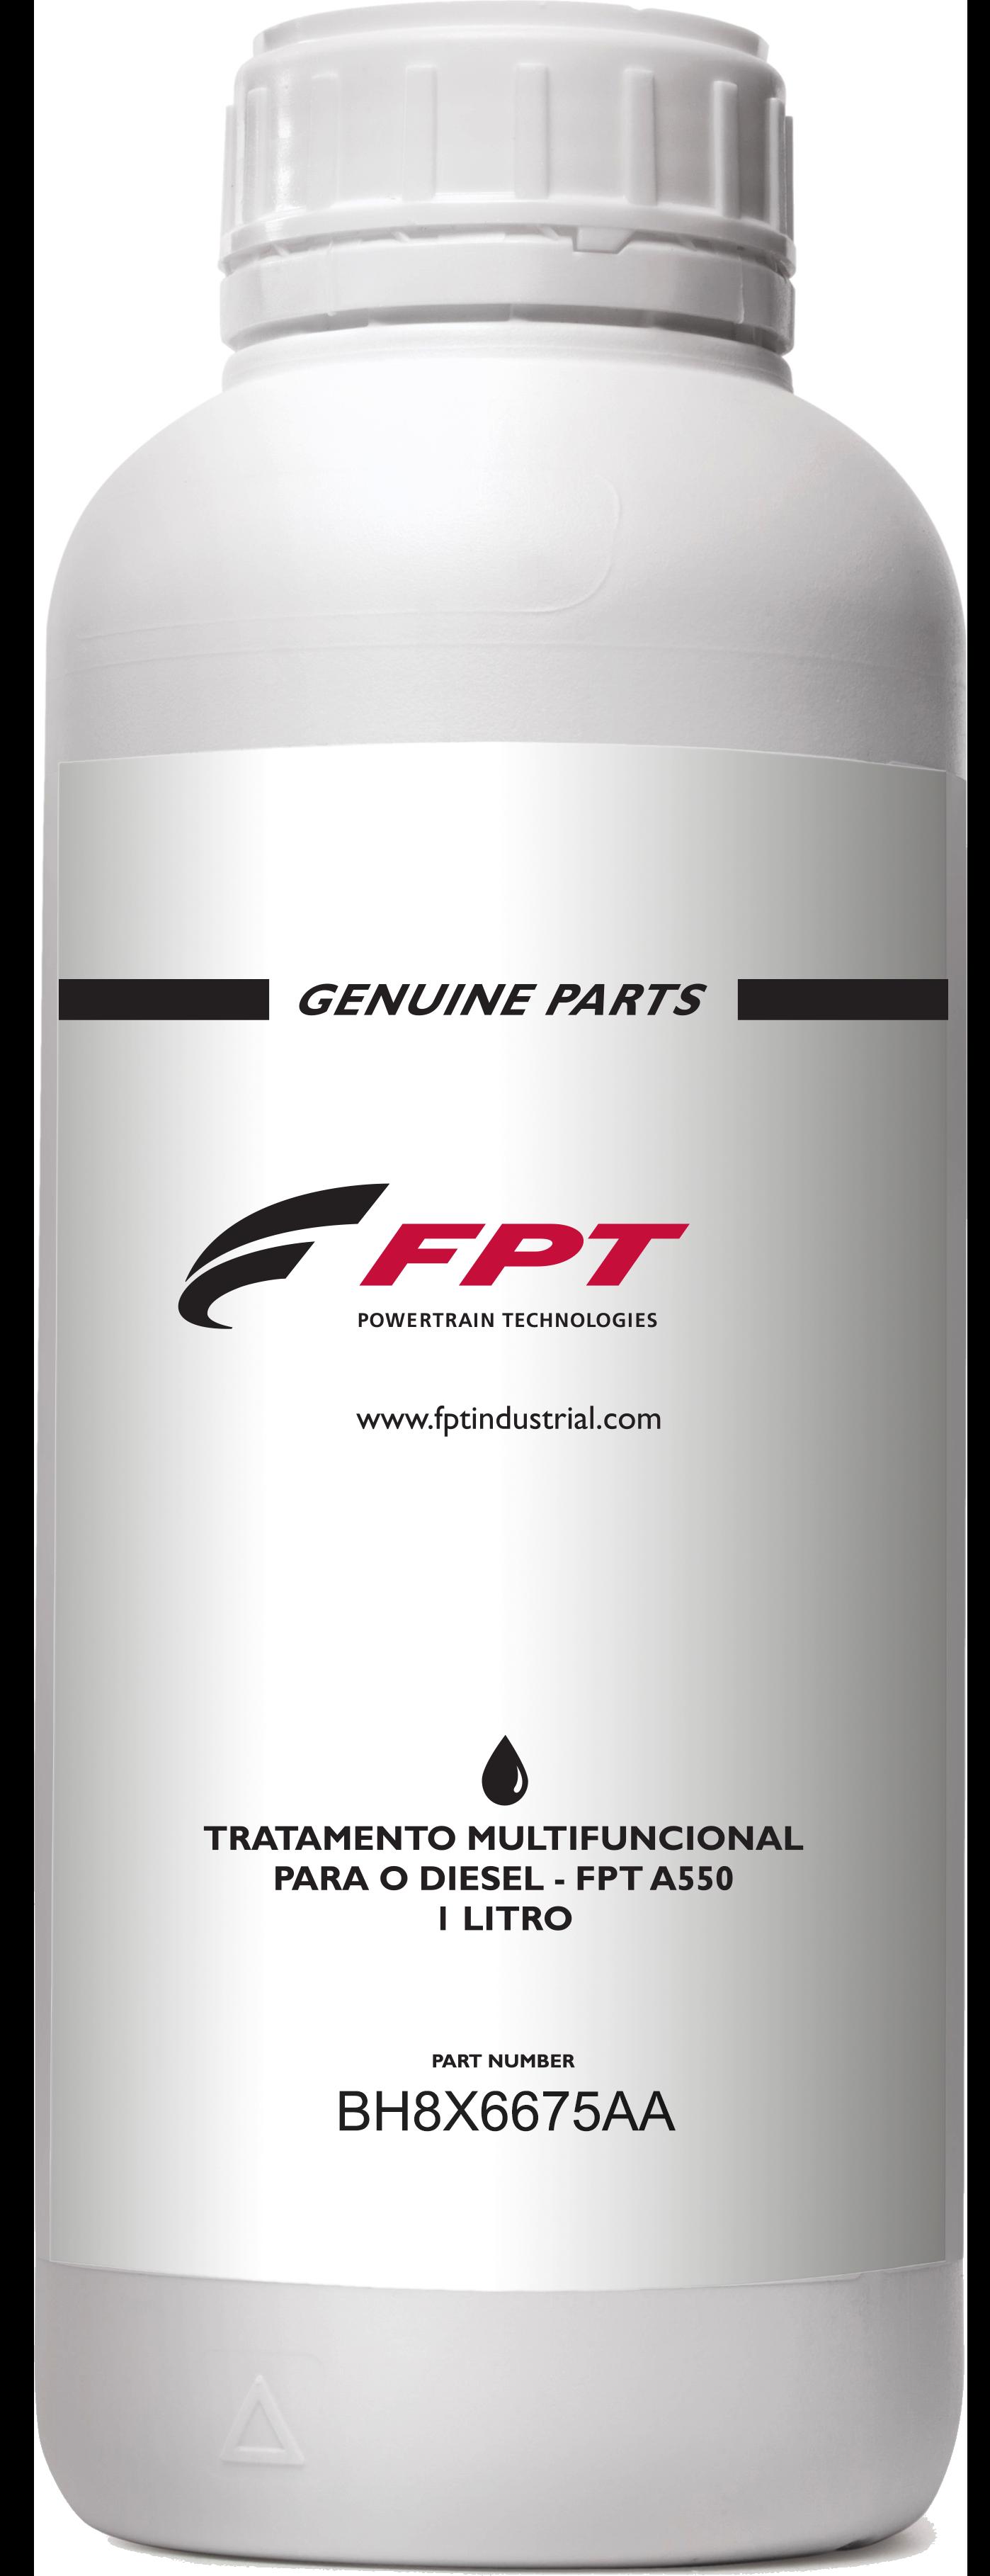 Actioil Partner FPT